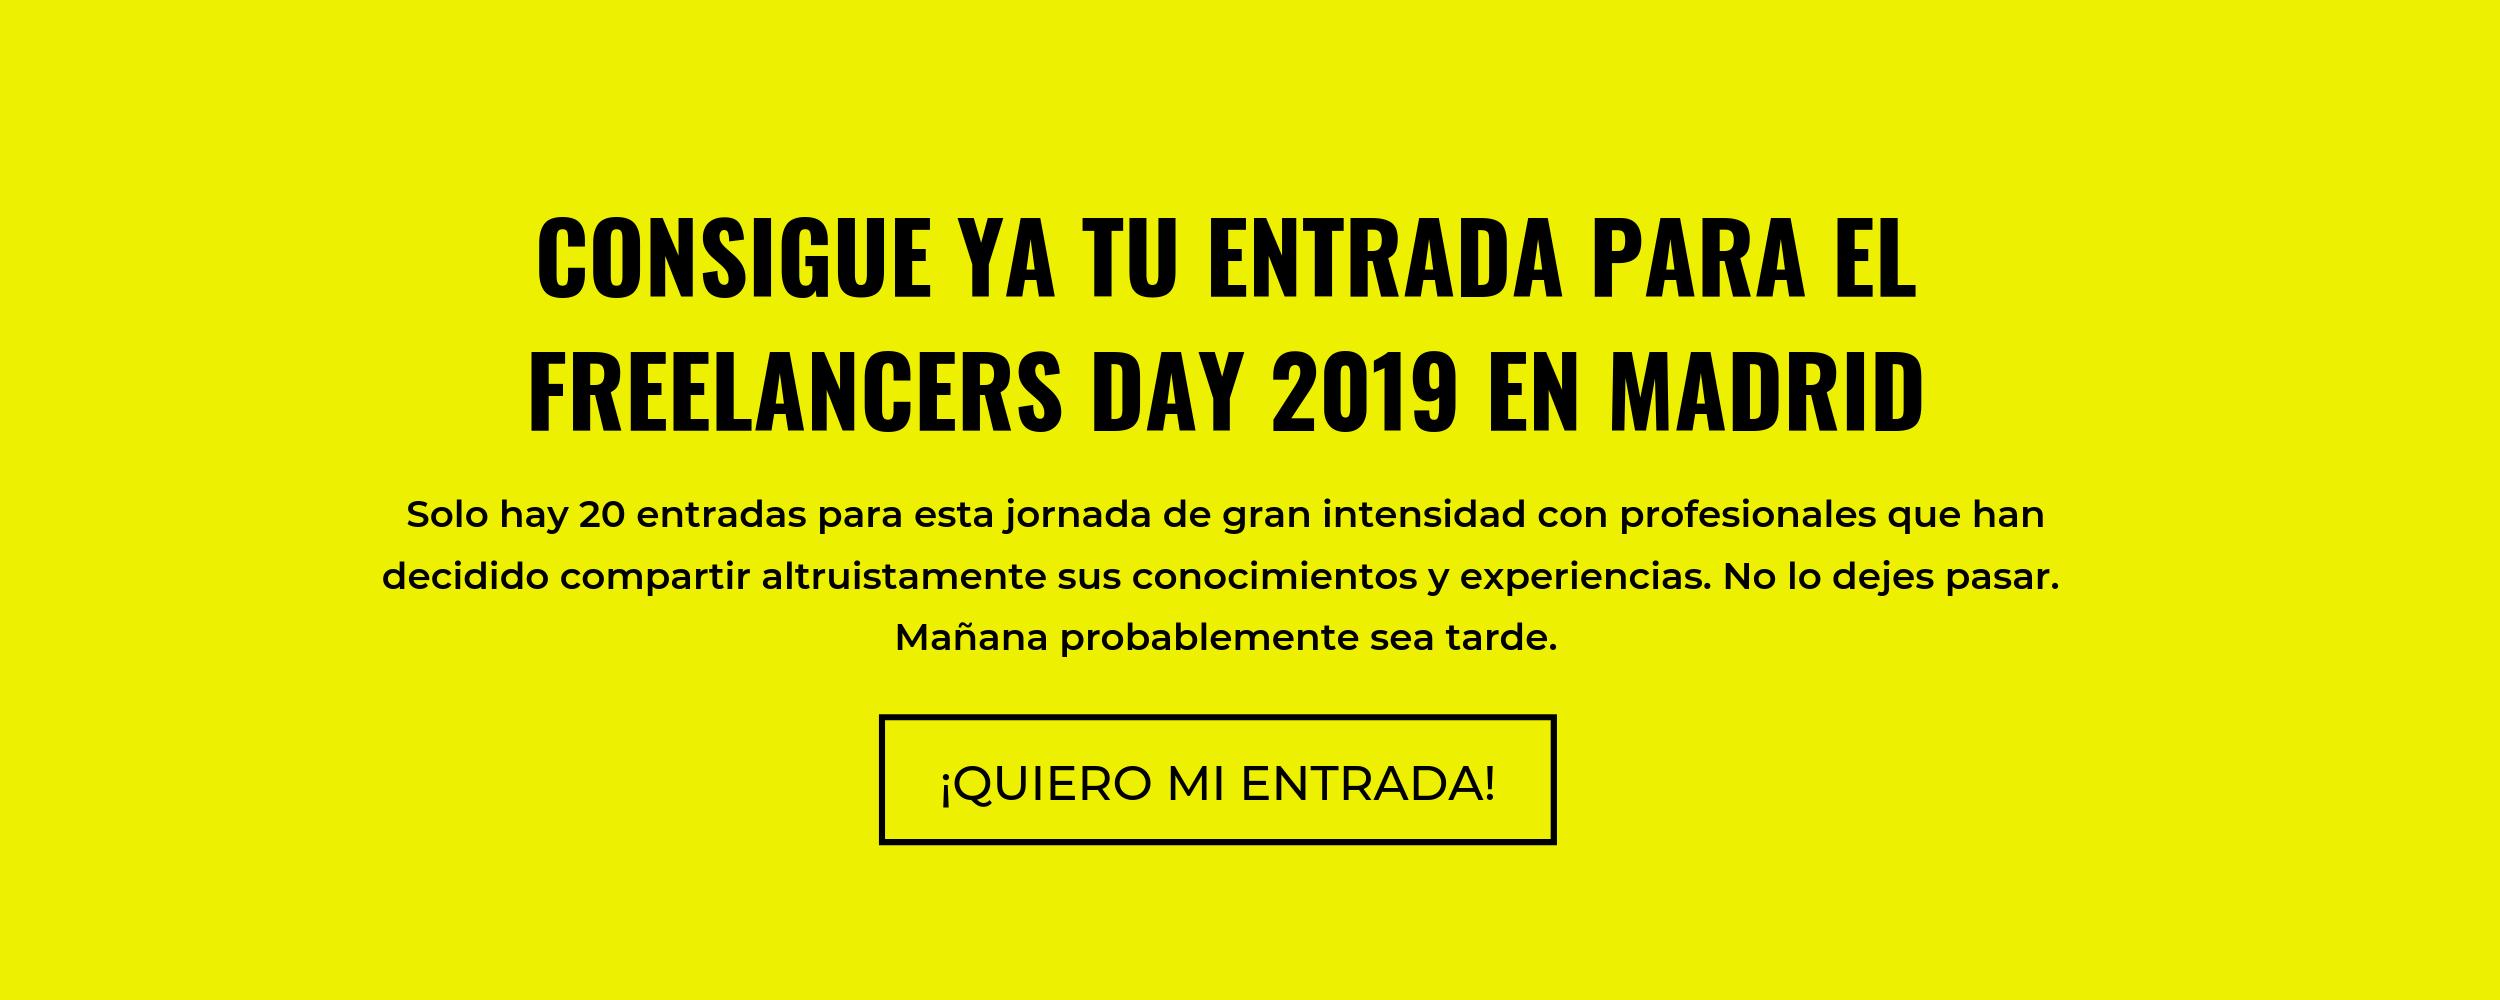 CONSIGUE YA TU ENTRADA PARA EL FREELANCERS DAY 2019 EN MADRID (4).png